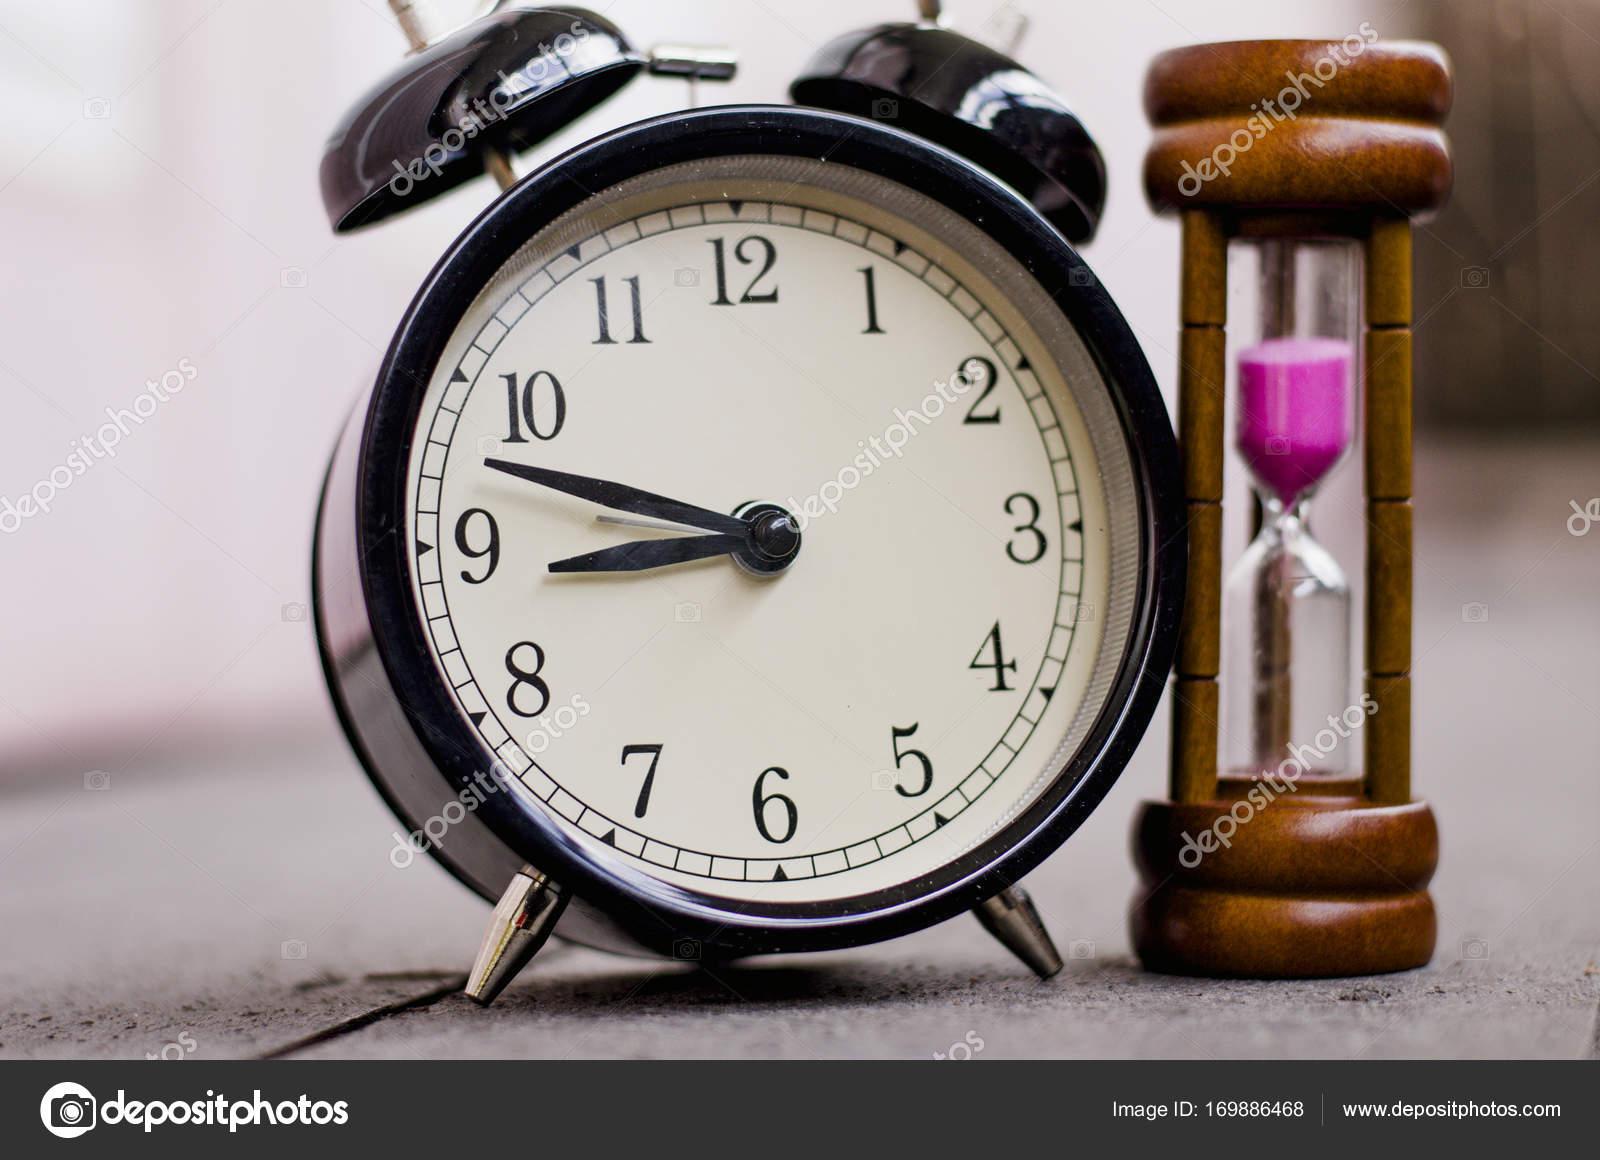 8d995d94073 Relógio e ampulheta ou areia-vidro para o conceito de história e de  gerenciamento de